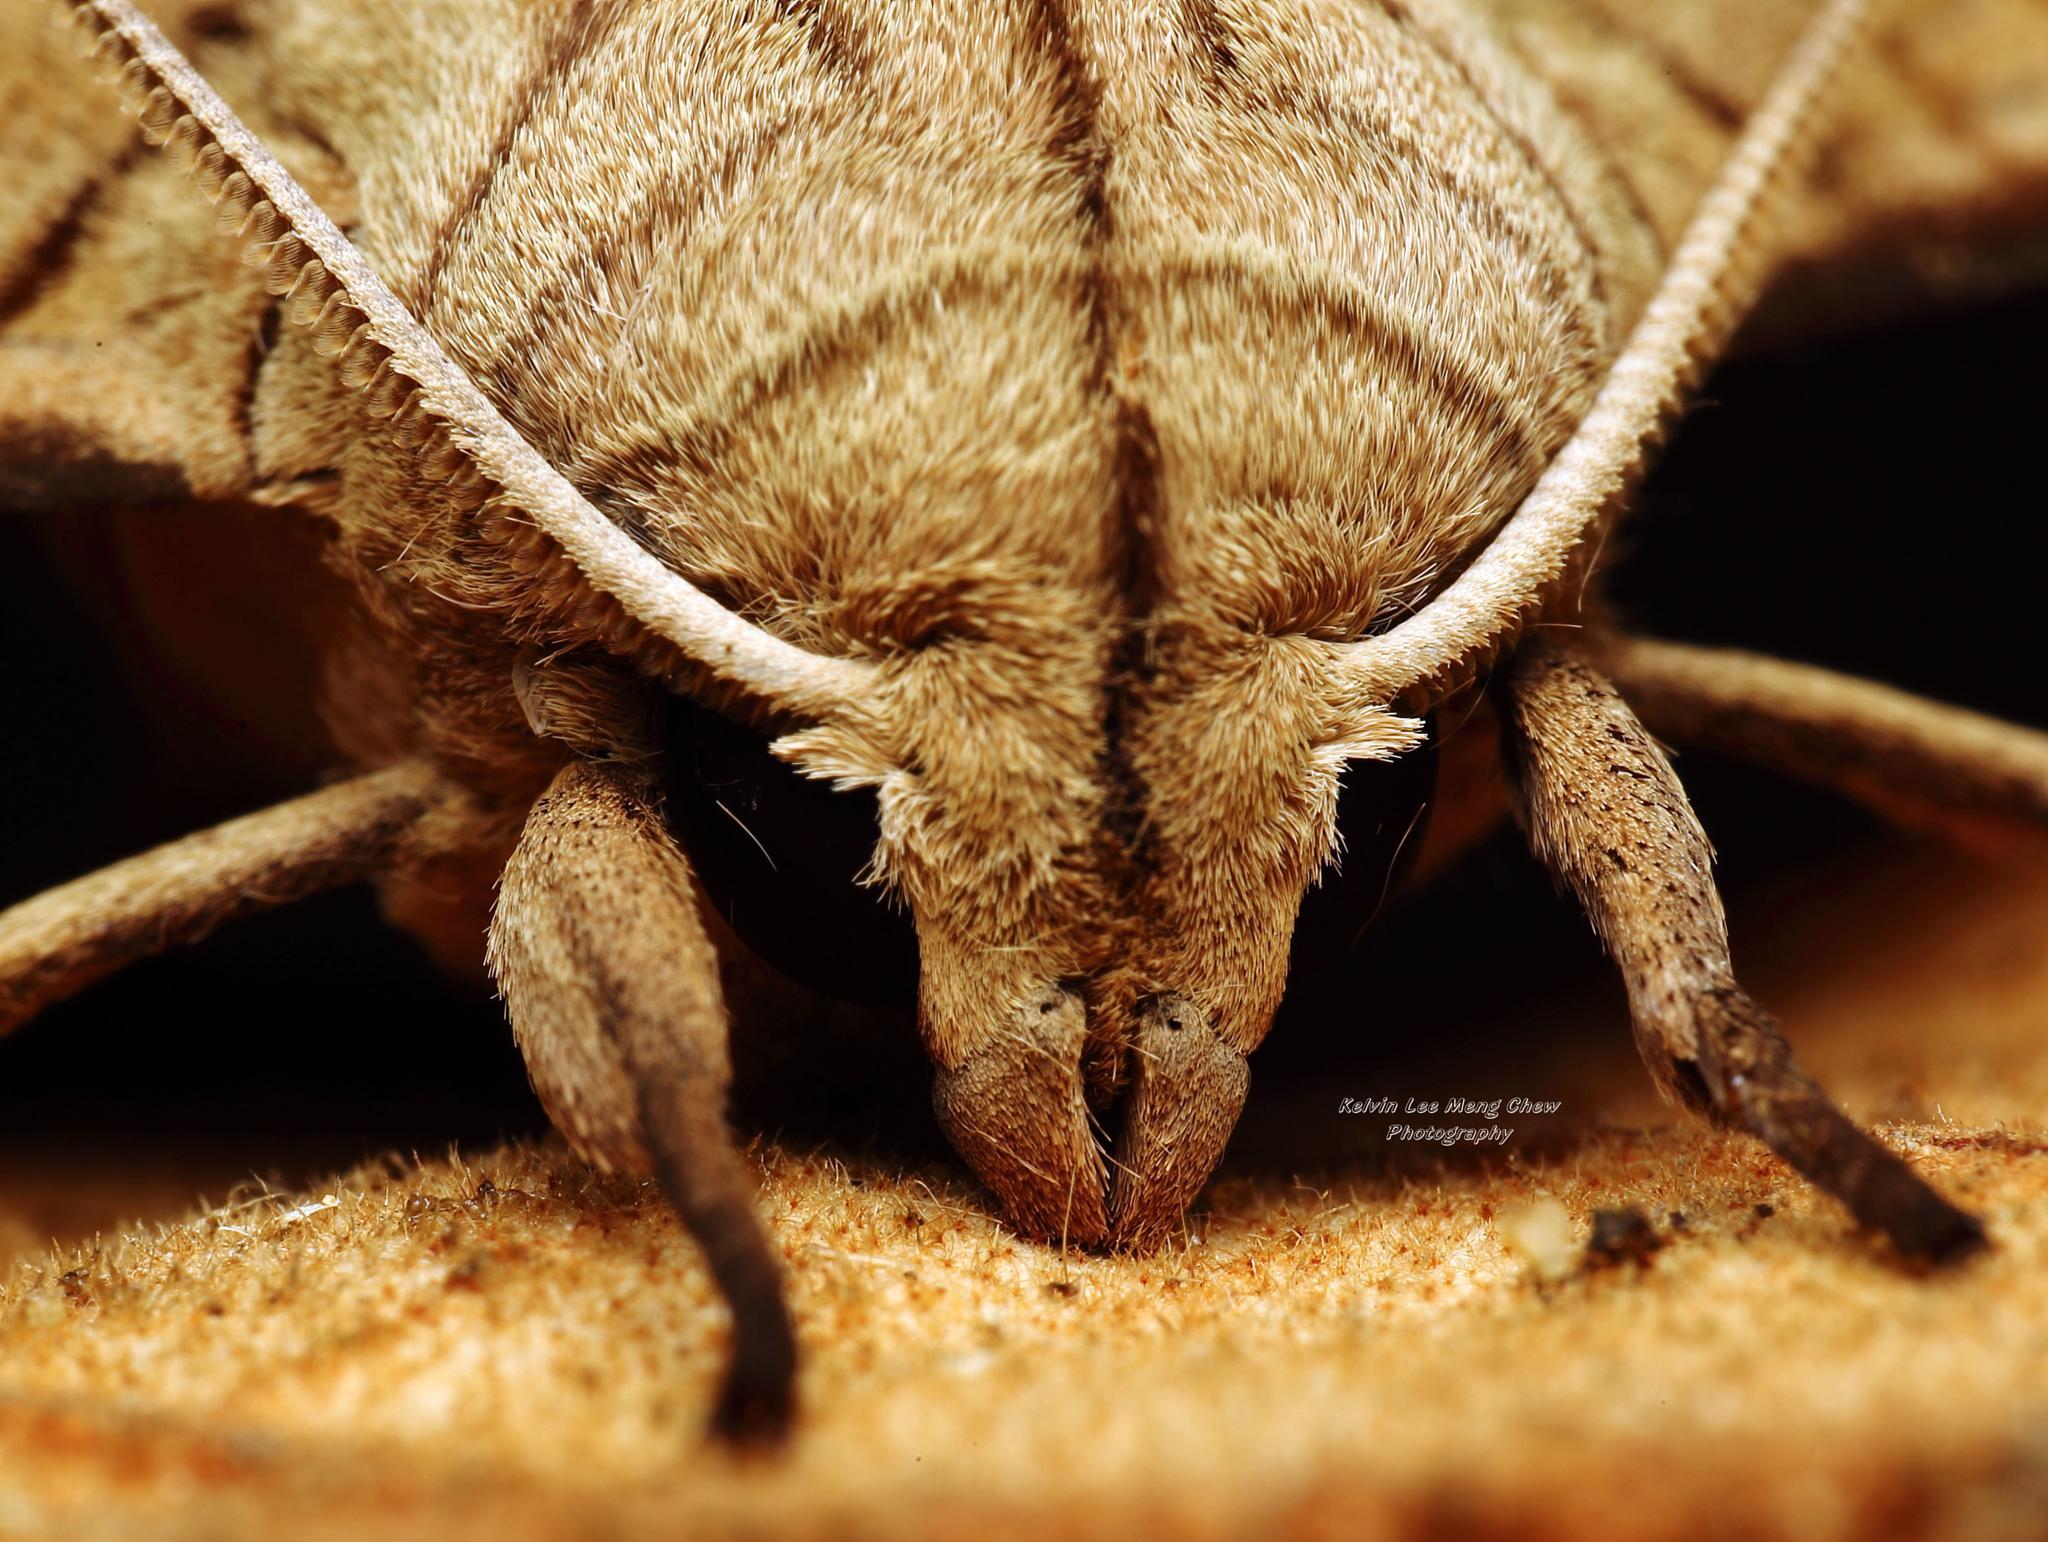 Hawk Moth by Kelvin Lee